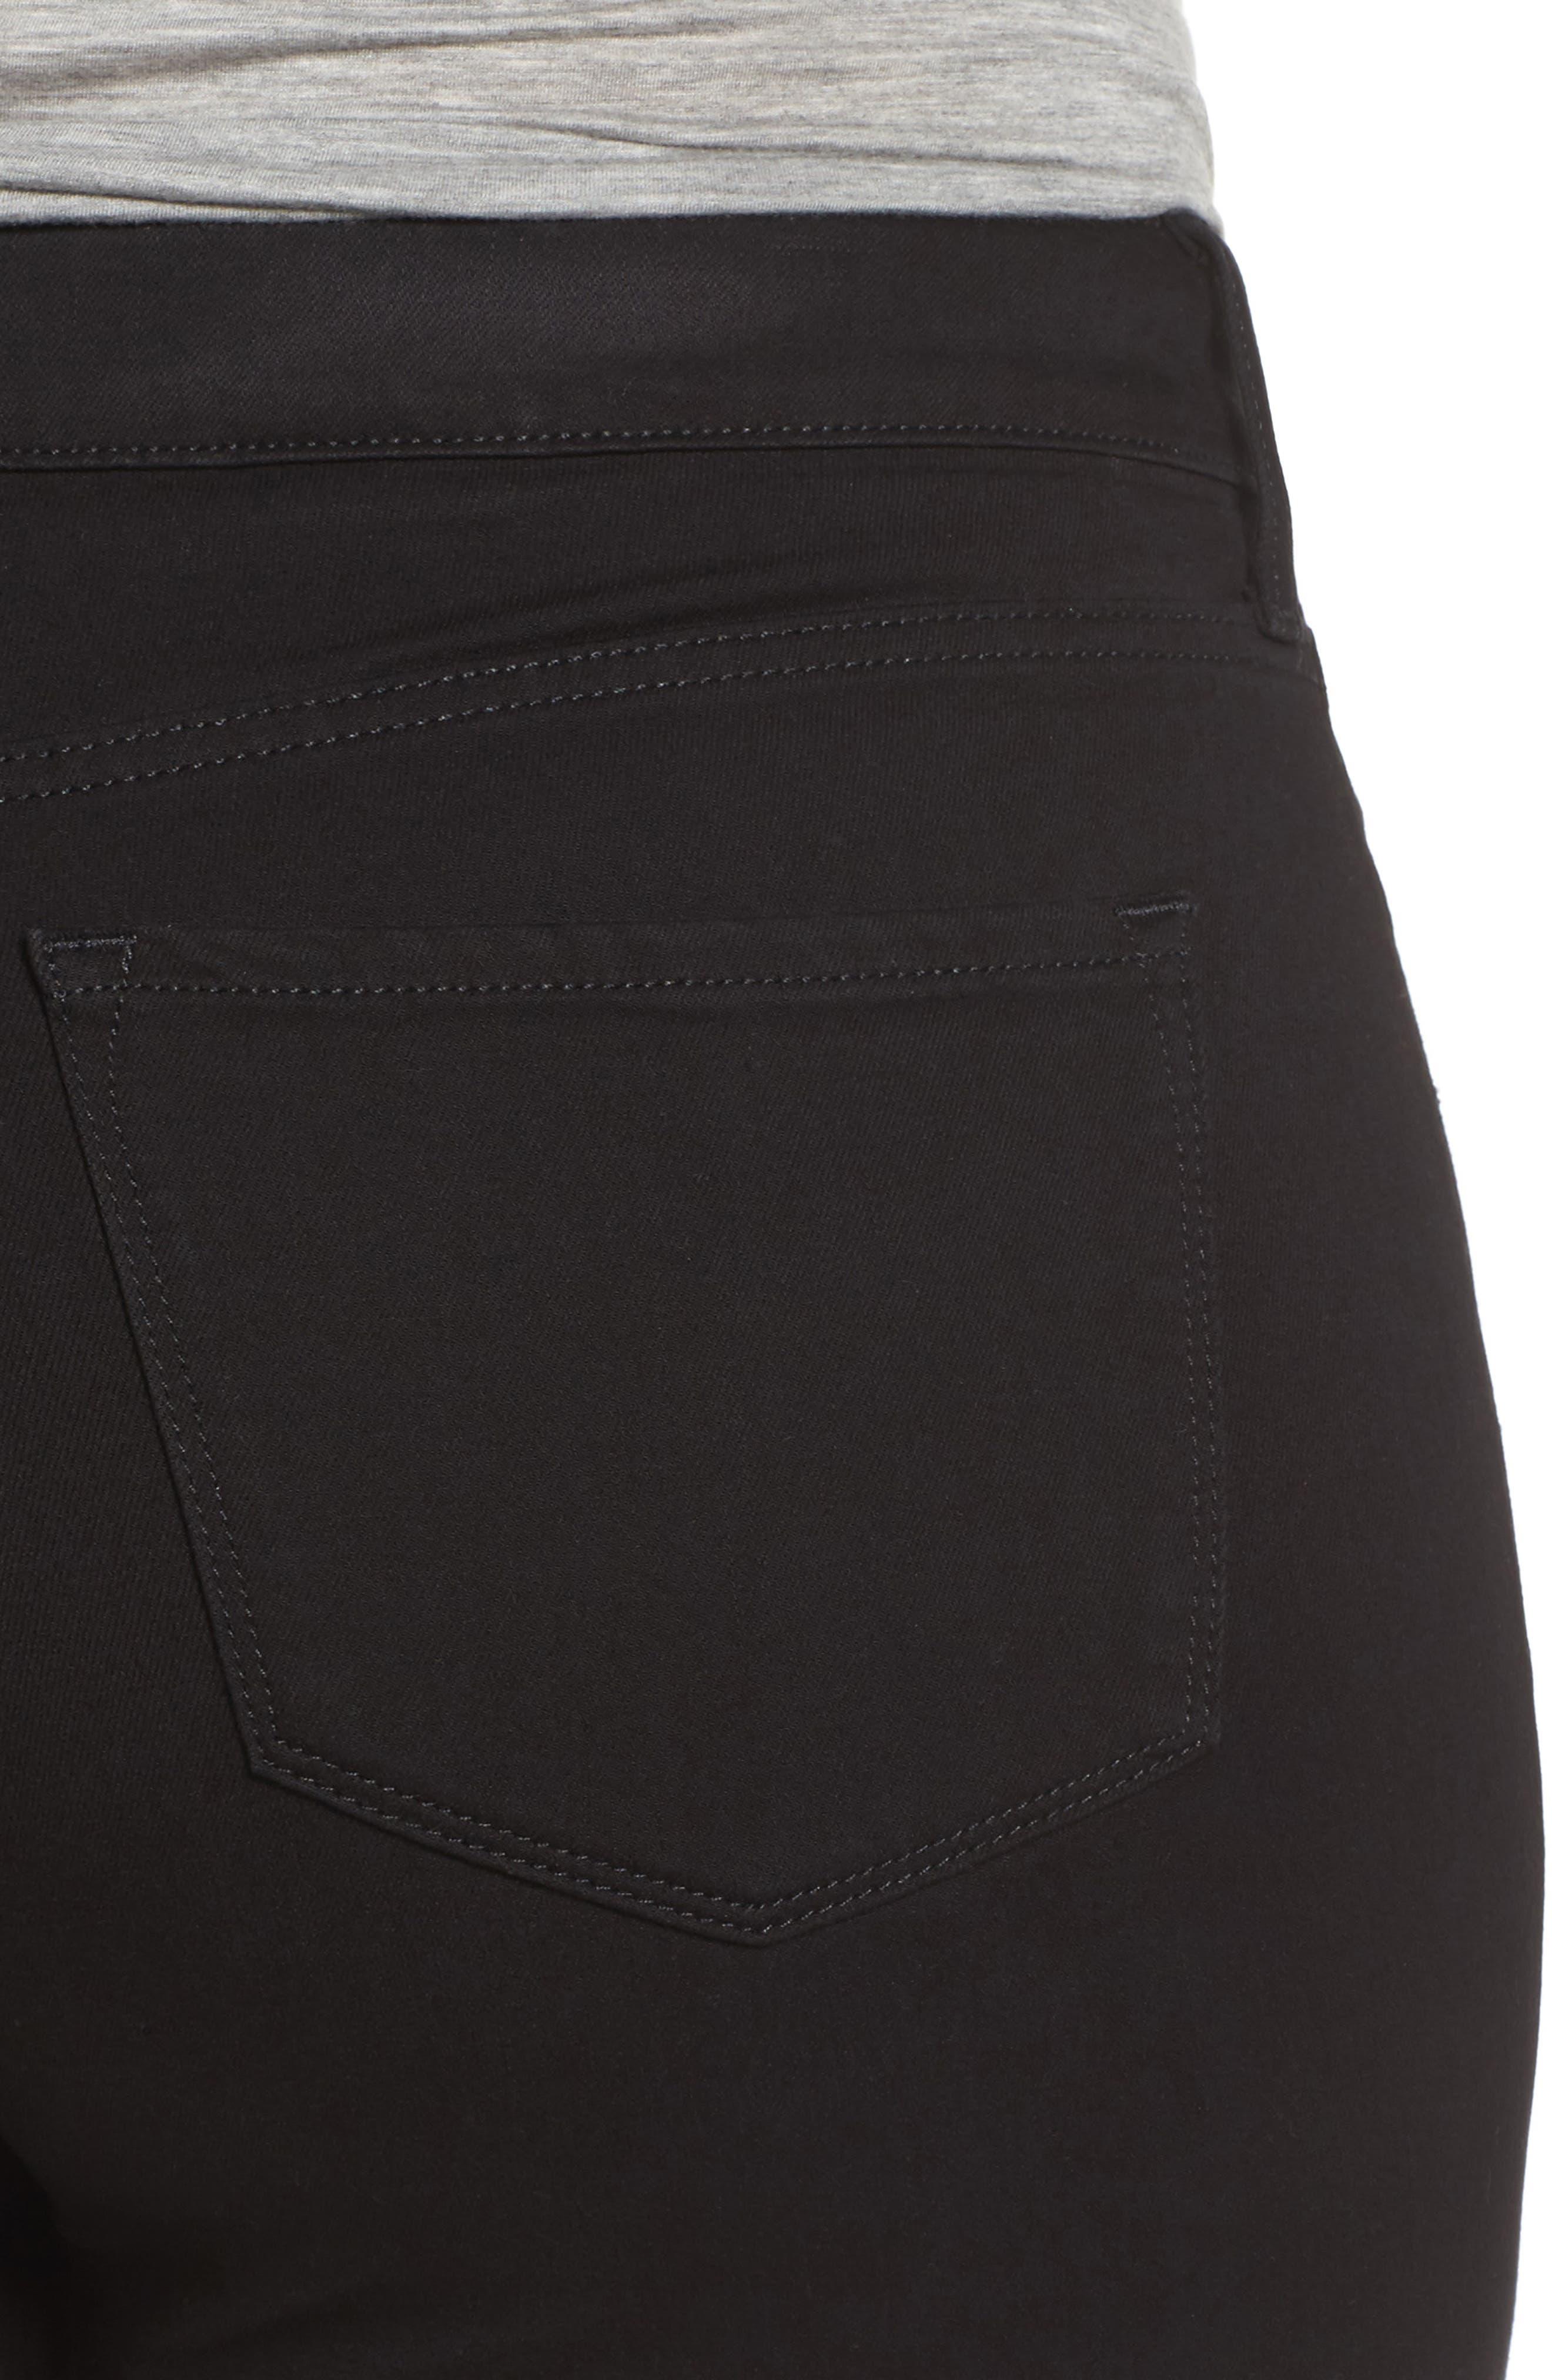 Alternate Image 4  - NYDJ Ami Stretch Skinny Jeans (Plus Size)